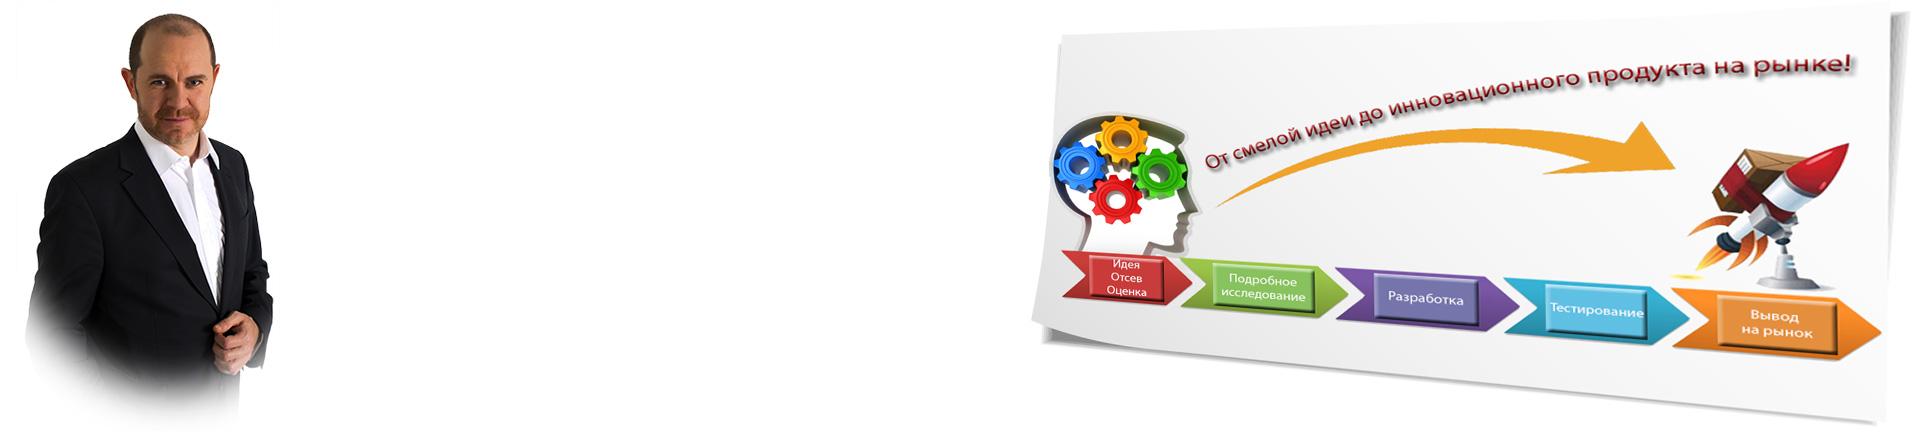 Разработка нового продукта, товара, ПО: помощь в создании и выводе на рынок